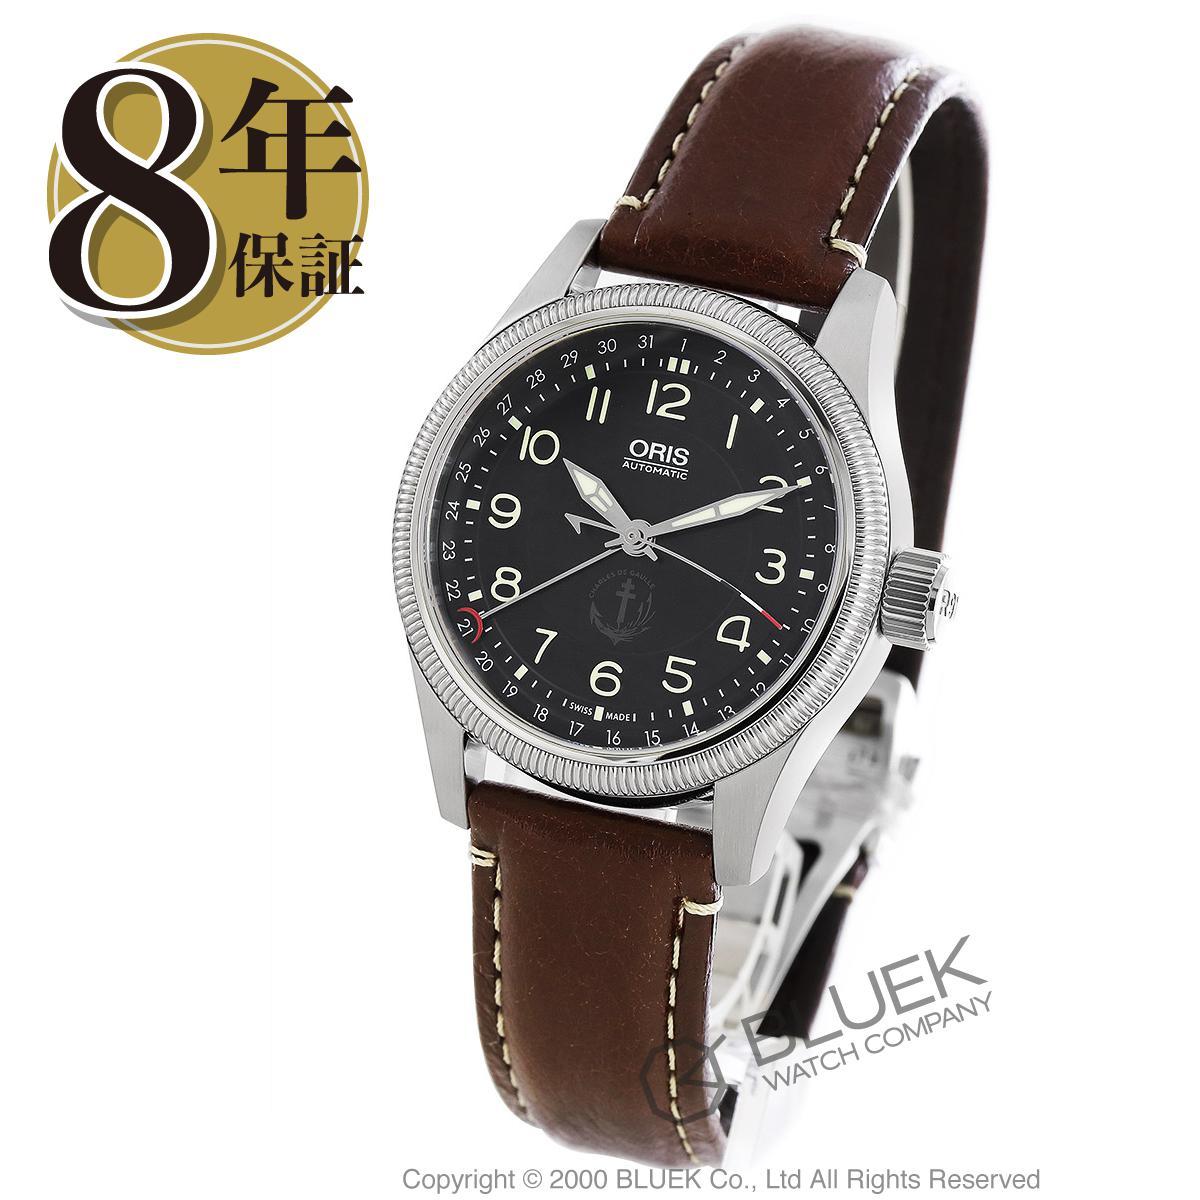 オリス PA シャルル・ド・ゴール リミテッドエディション 世界限定1890本 腕時計 メンズ ORIS 754 7679 4084D_8 バーゲン 成人祝い ギフト プレゼント